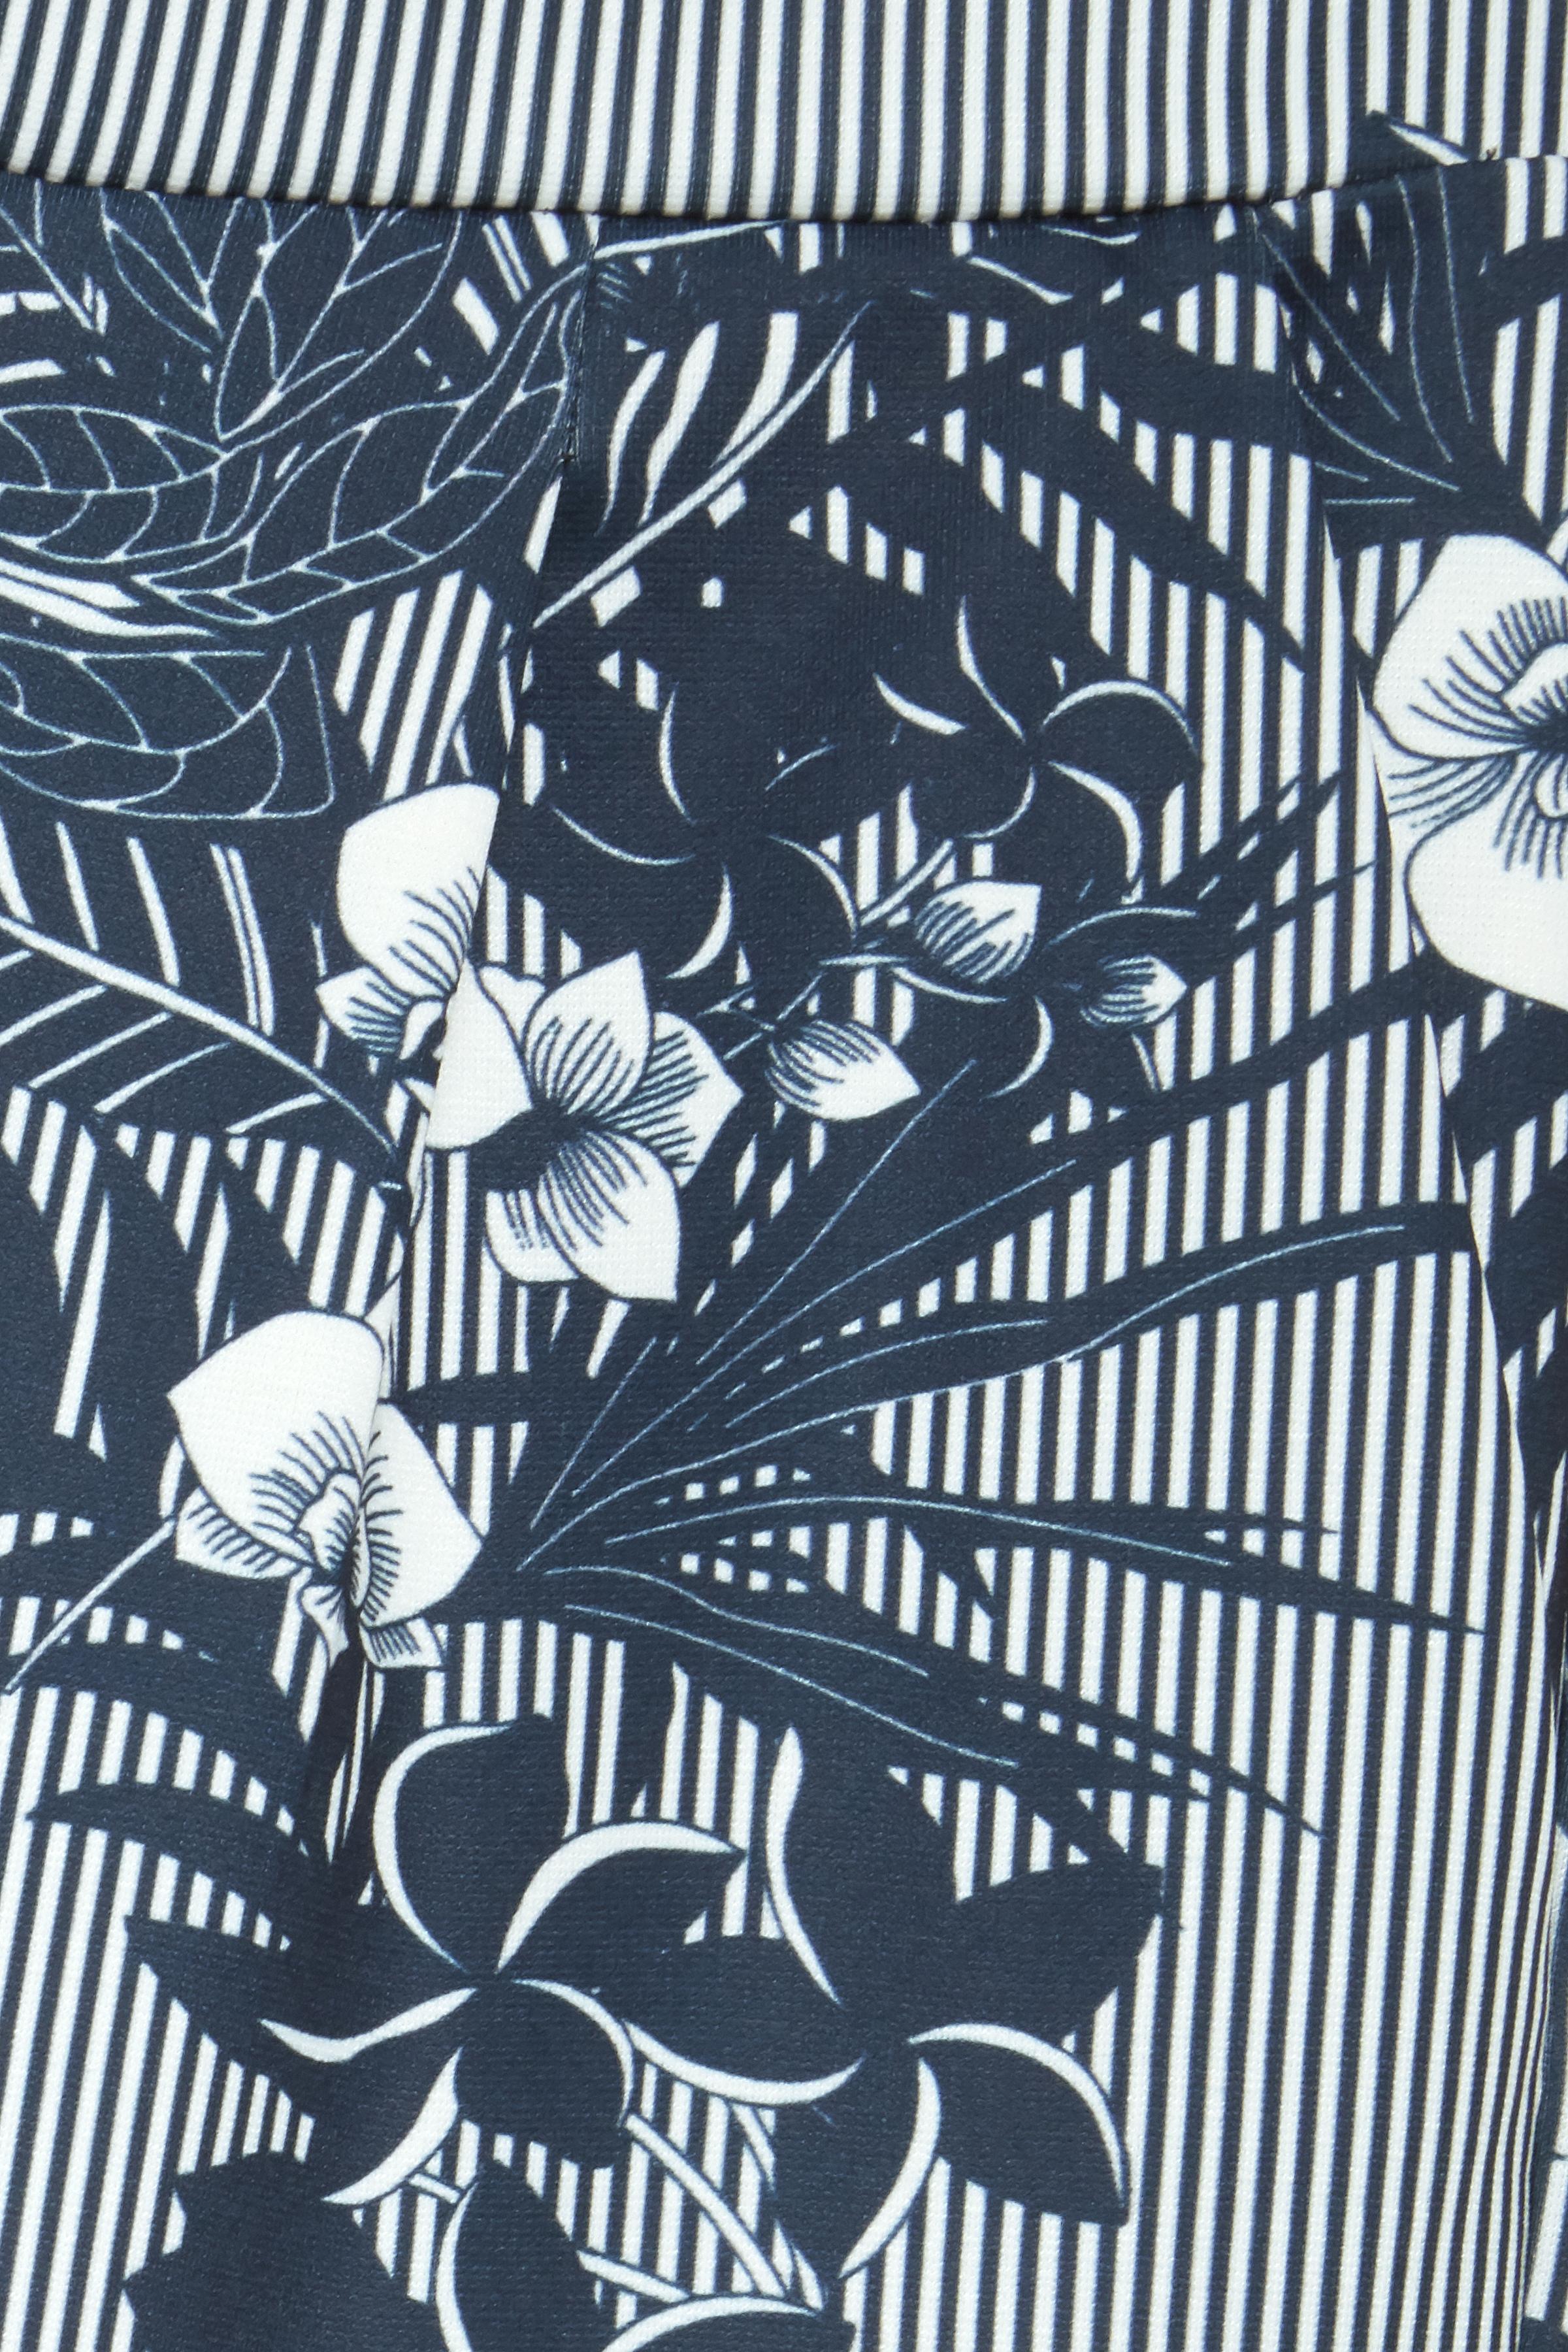 Marineblau/weiß Knöchelhose von Fransa – Shoppen Sie Marineblau/weiß Knöchelhose ab Gr. XS-XXL hier